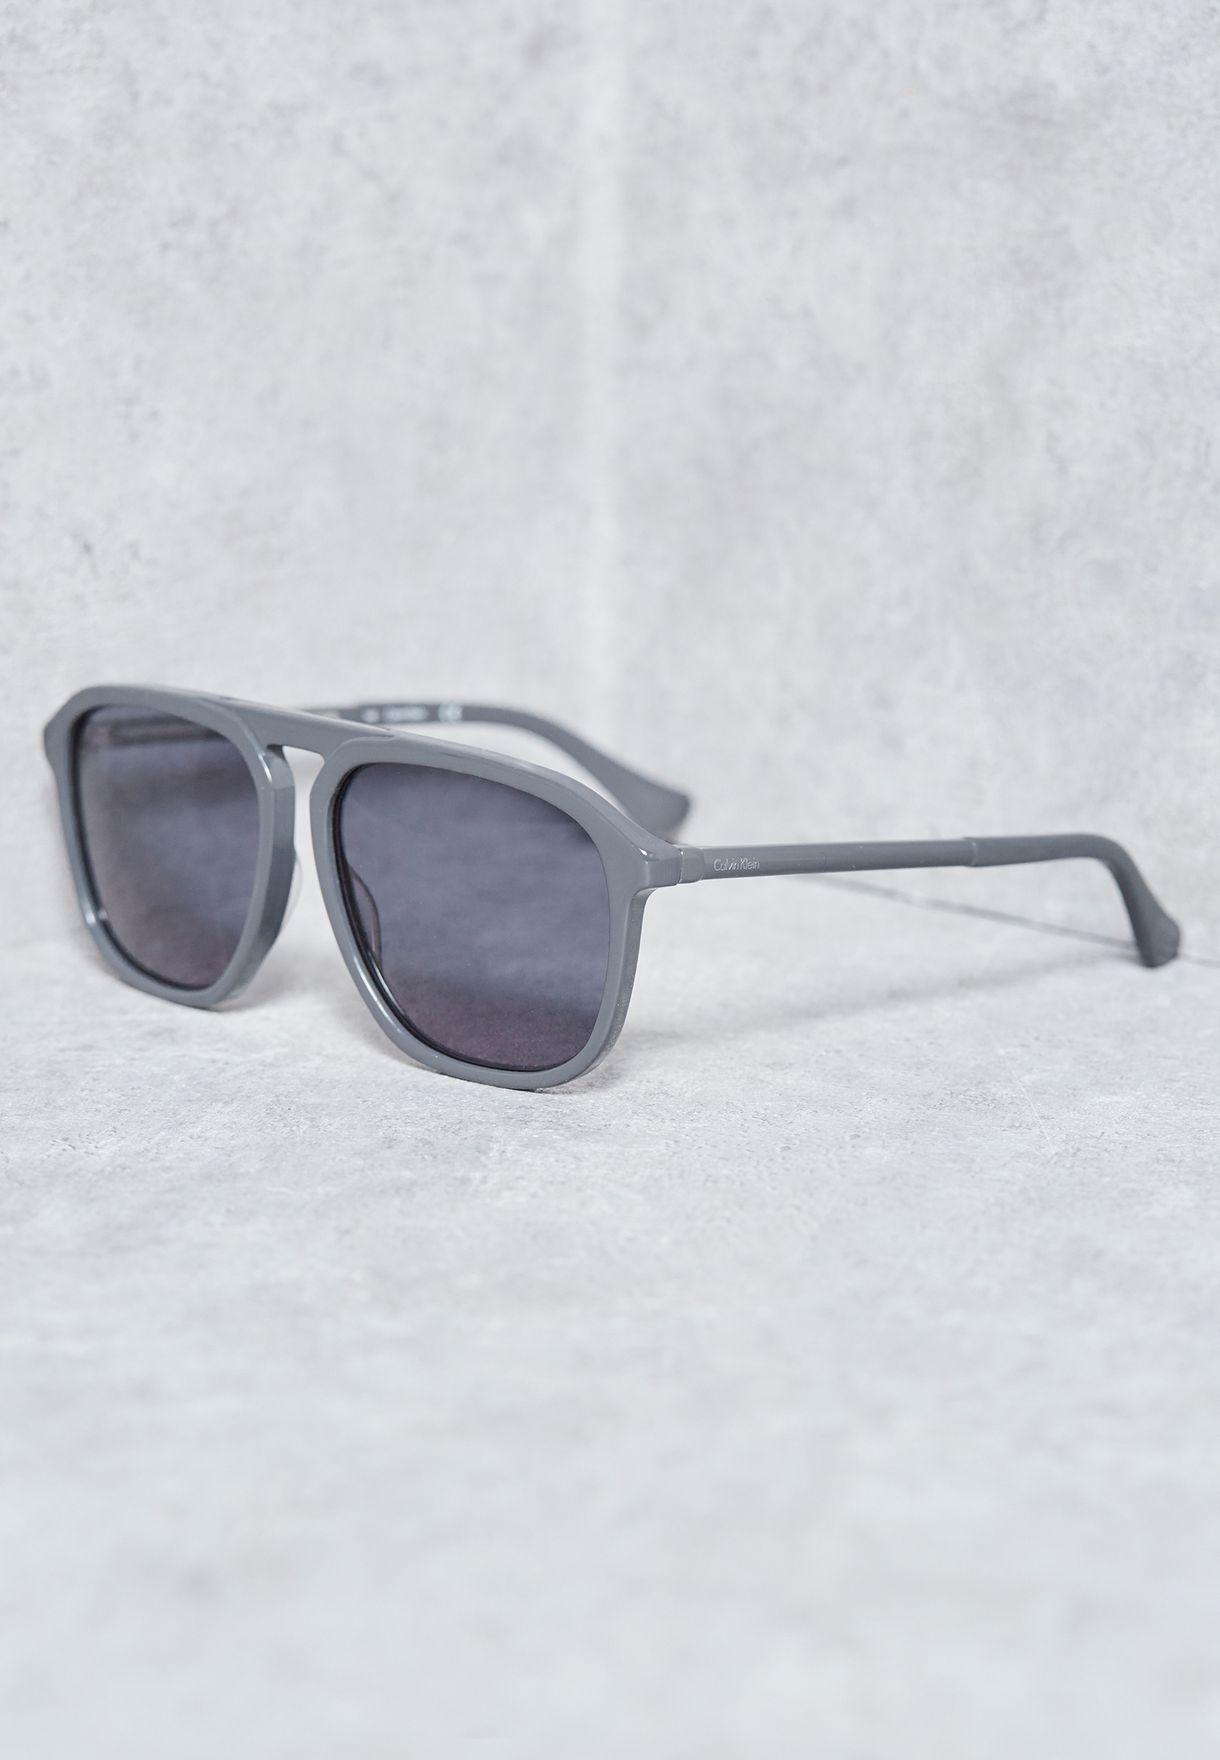 201b8136c تسوق نظارة شمسية كاجوال ماركة كالفن كلاين لون رمادي CK4317S-040 في ...